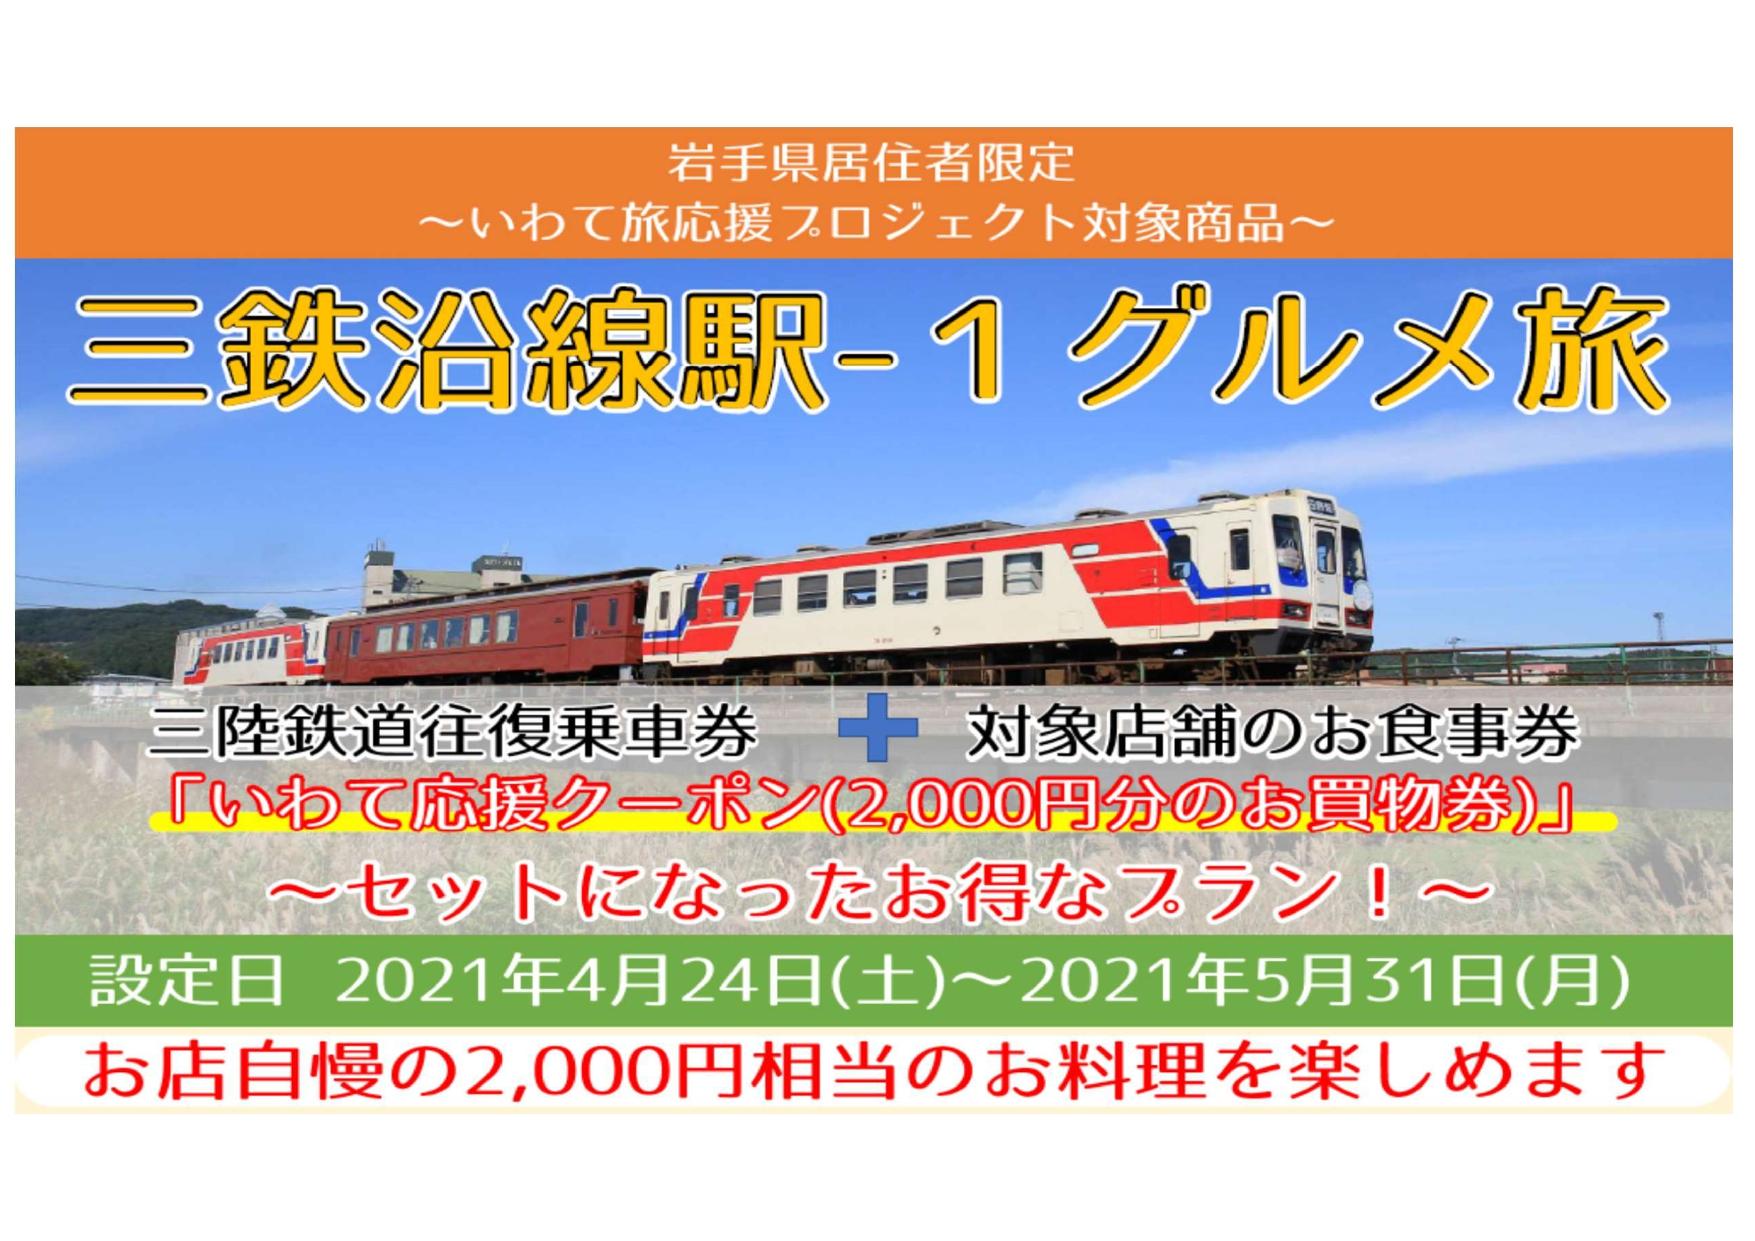 三鉄沿線駅-1 グルメ旅 始めました! 【三陸鉄道】